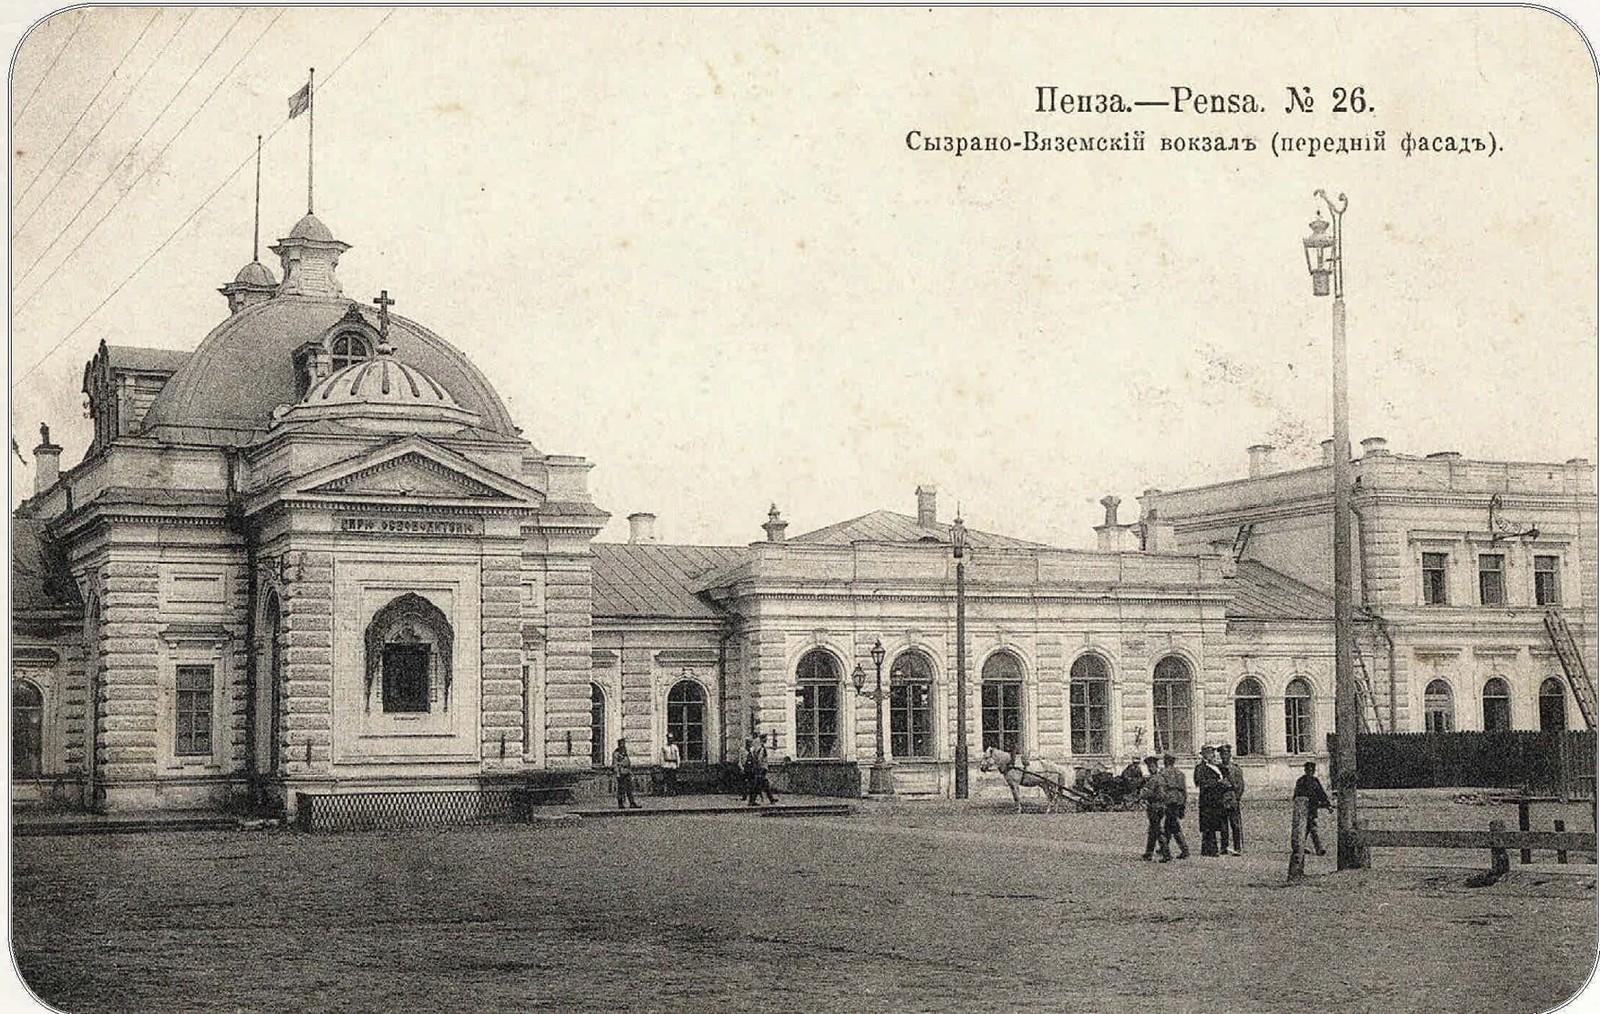 15. Сызрано-Вяземский вокзал (передний фасад)